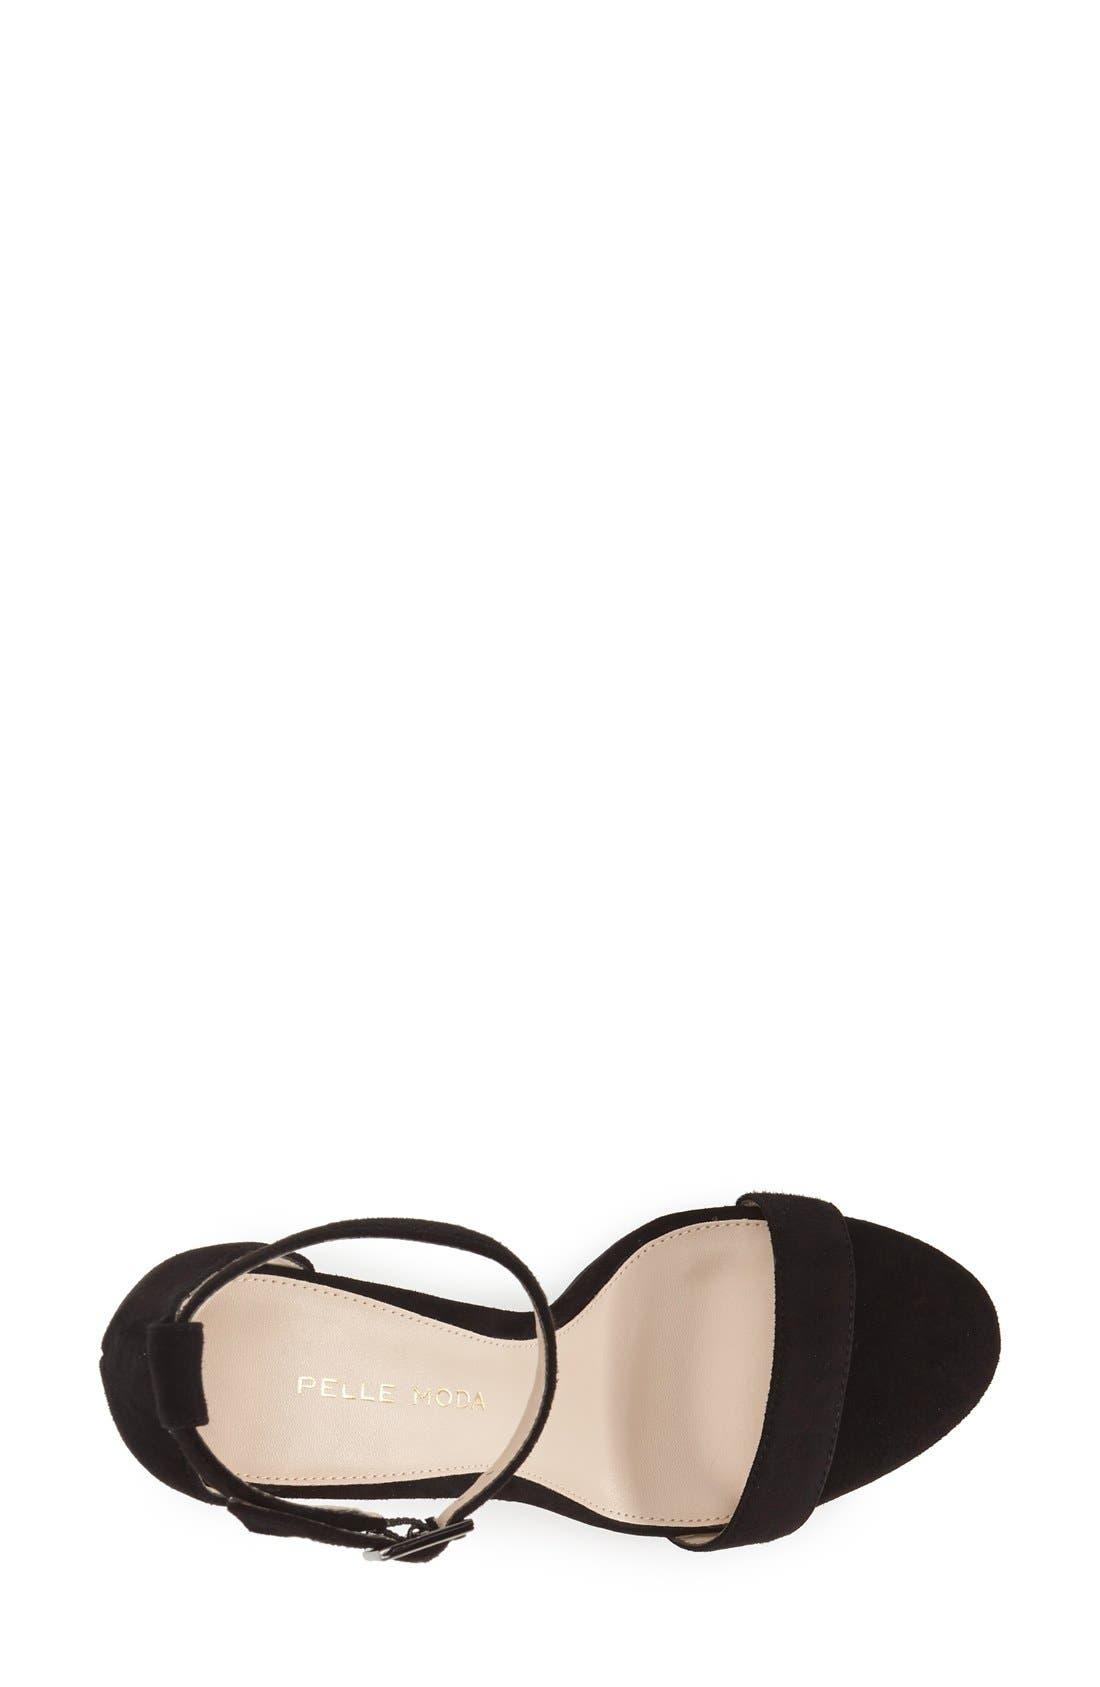 Alternate Image 3  - Pelle Moda 'Kacey' Ankle Strap Sandal